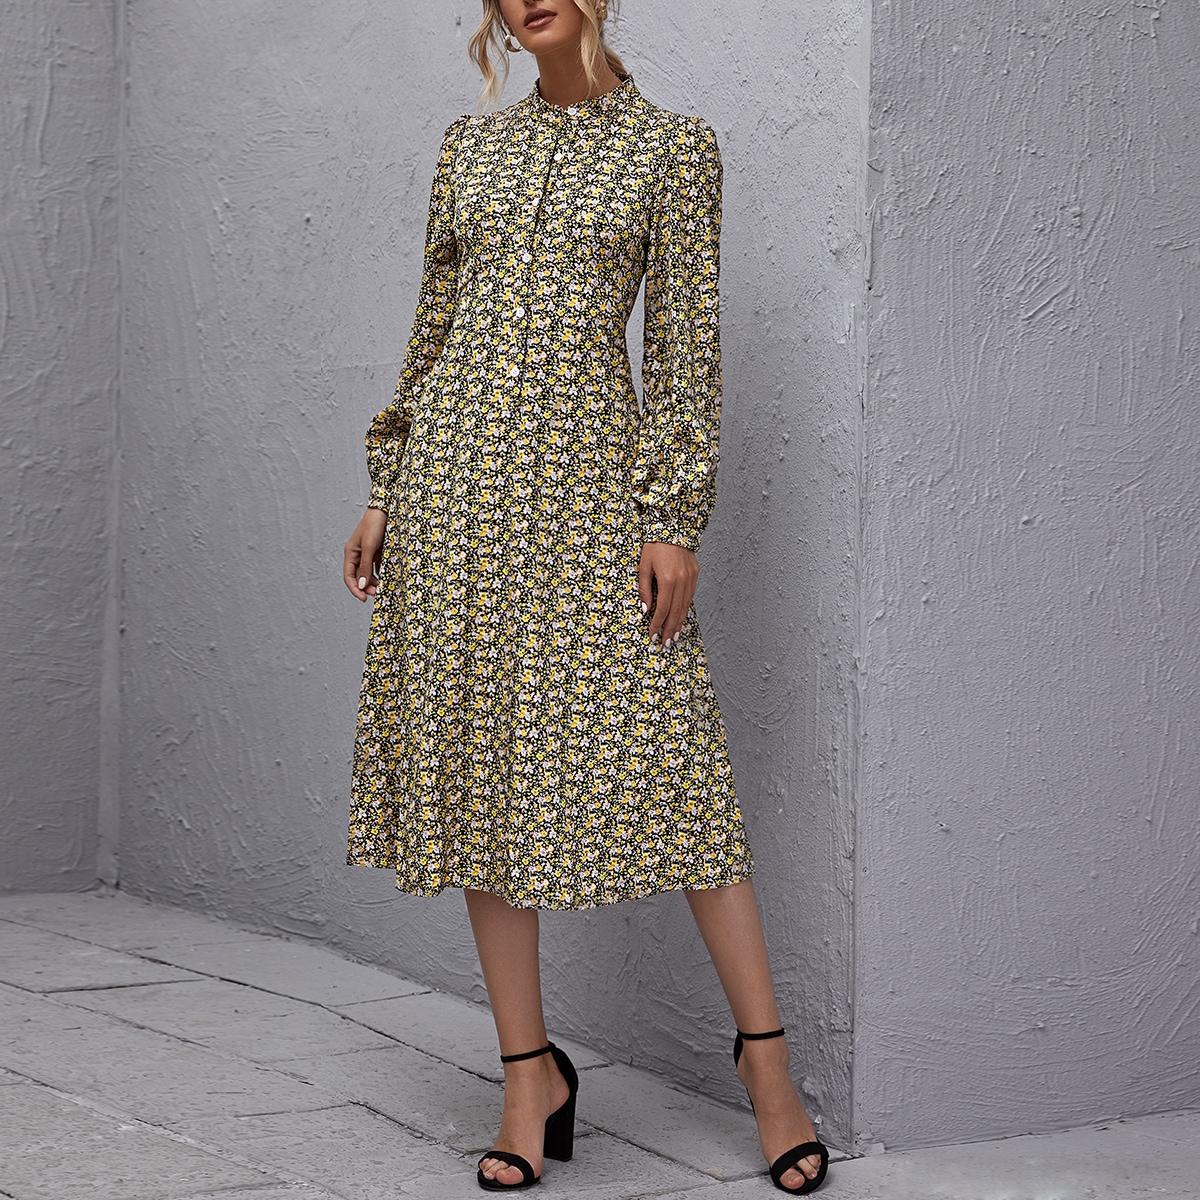 SHEIN / Kleid mit Knöpfen vorn, Laternenärmeln und Gänseblümchen Muster